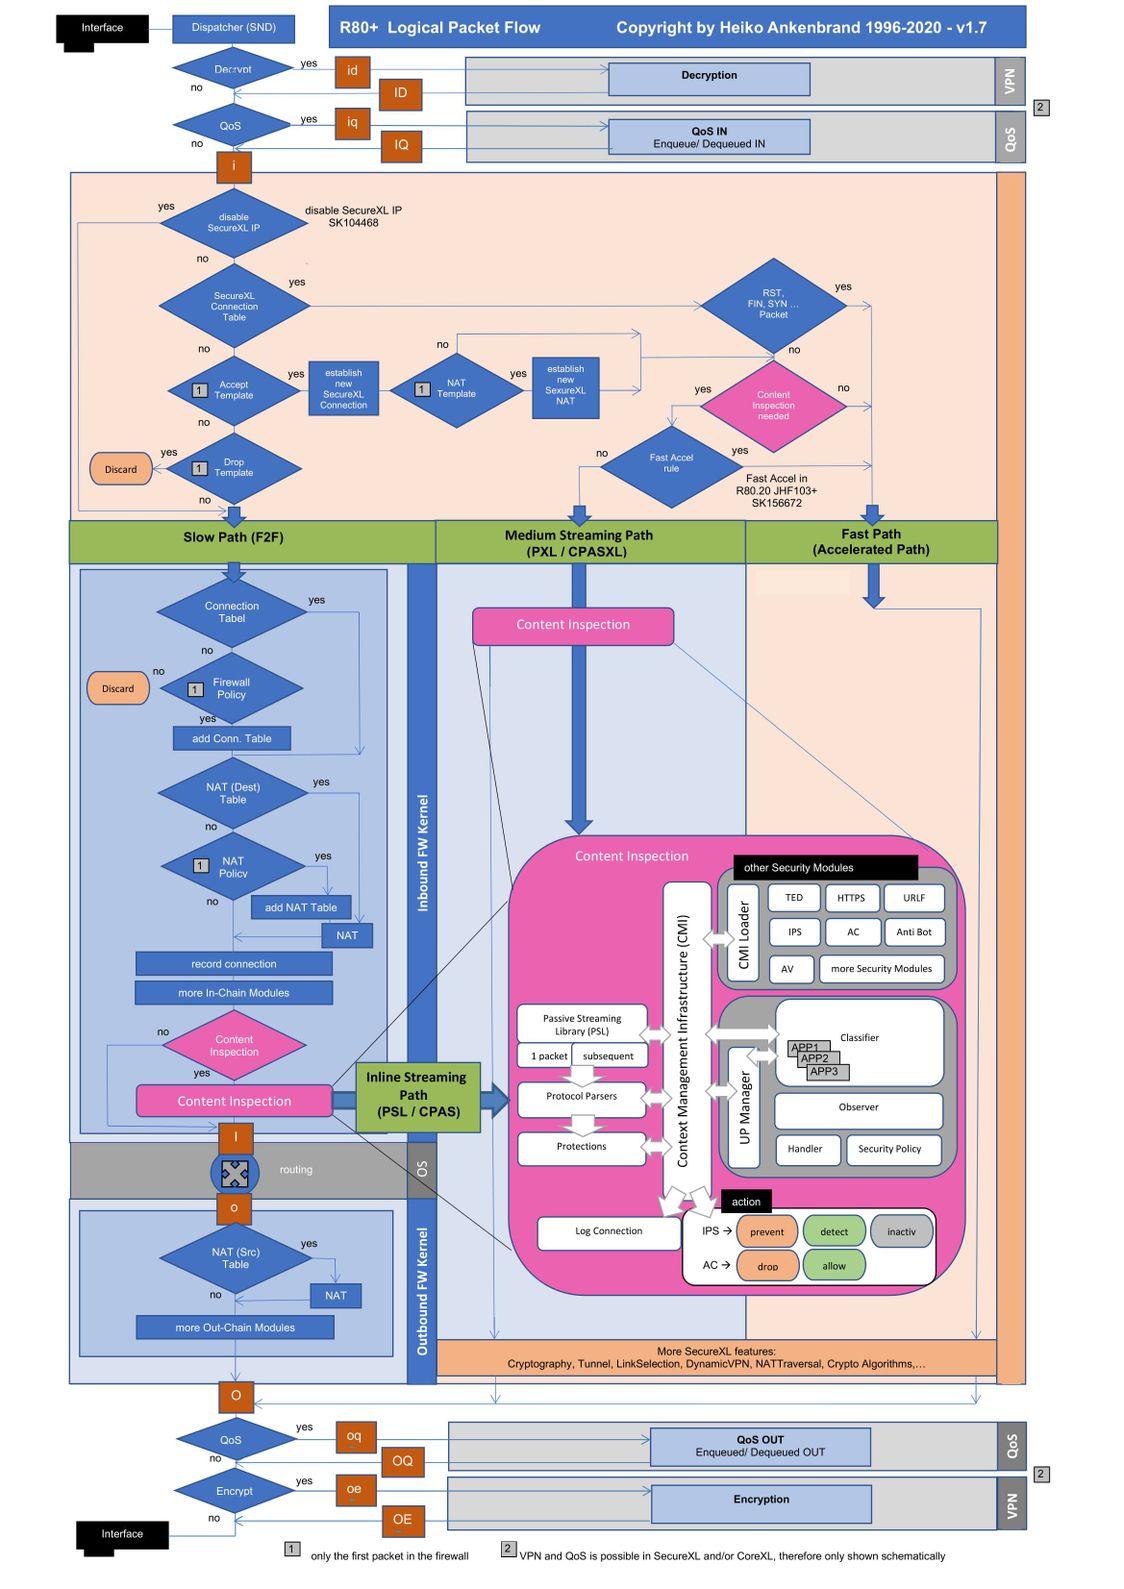 r8010_packet_flow_1.7a_pdf-1.jpg